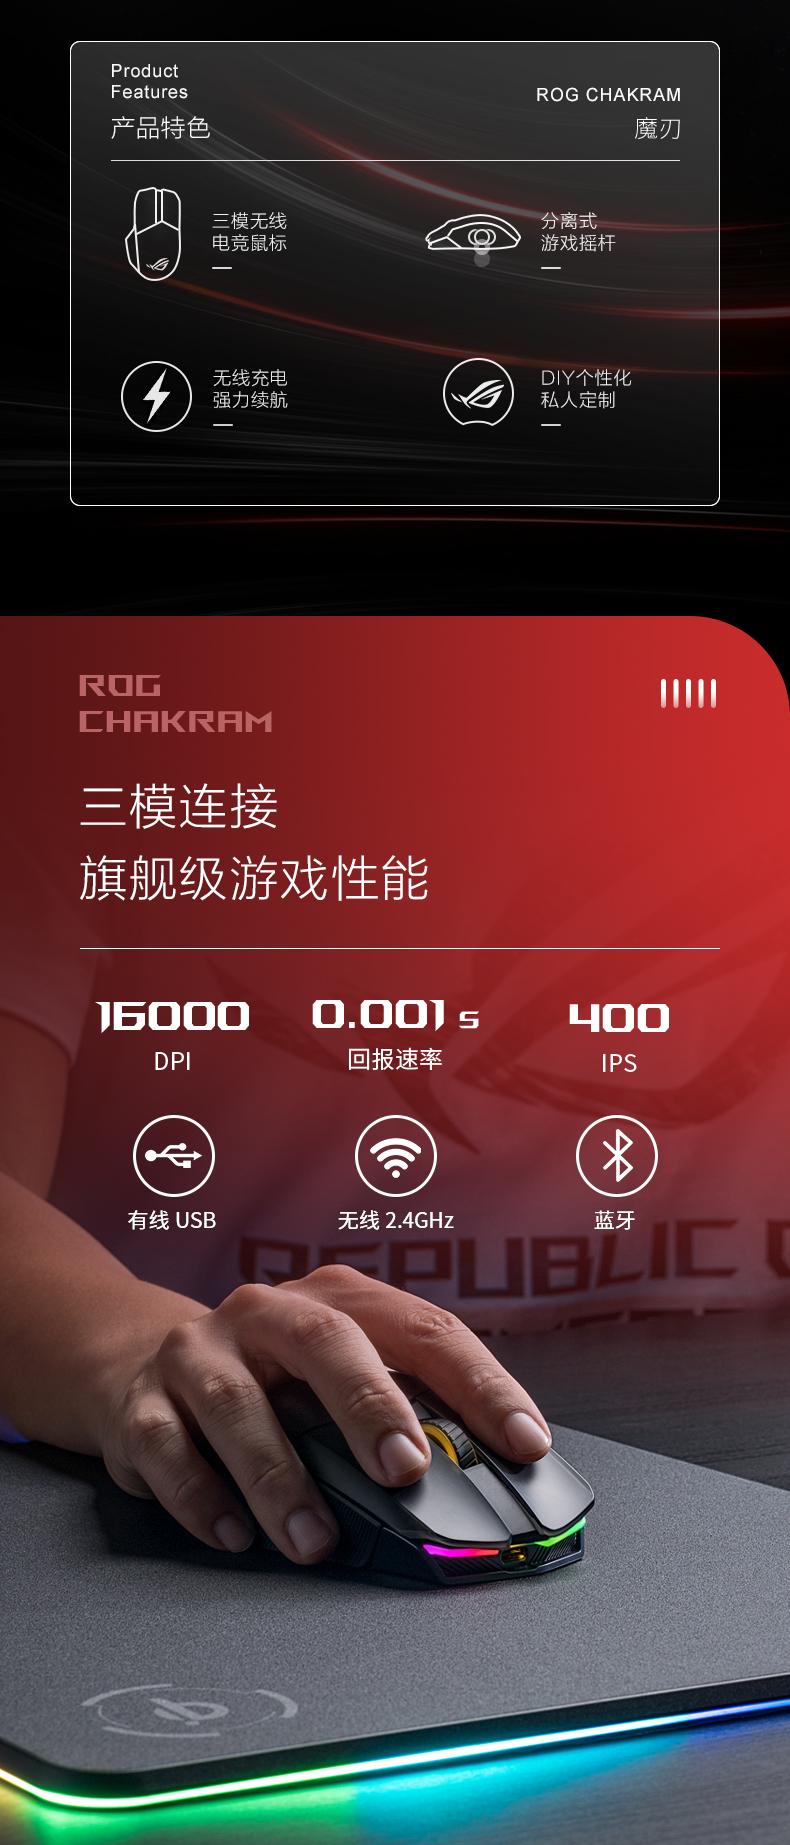 华硕 Asus 玩家国度 魔刃鼠标 QI无线充电 16000dpi 有线无线蓝牙三模通吃